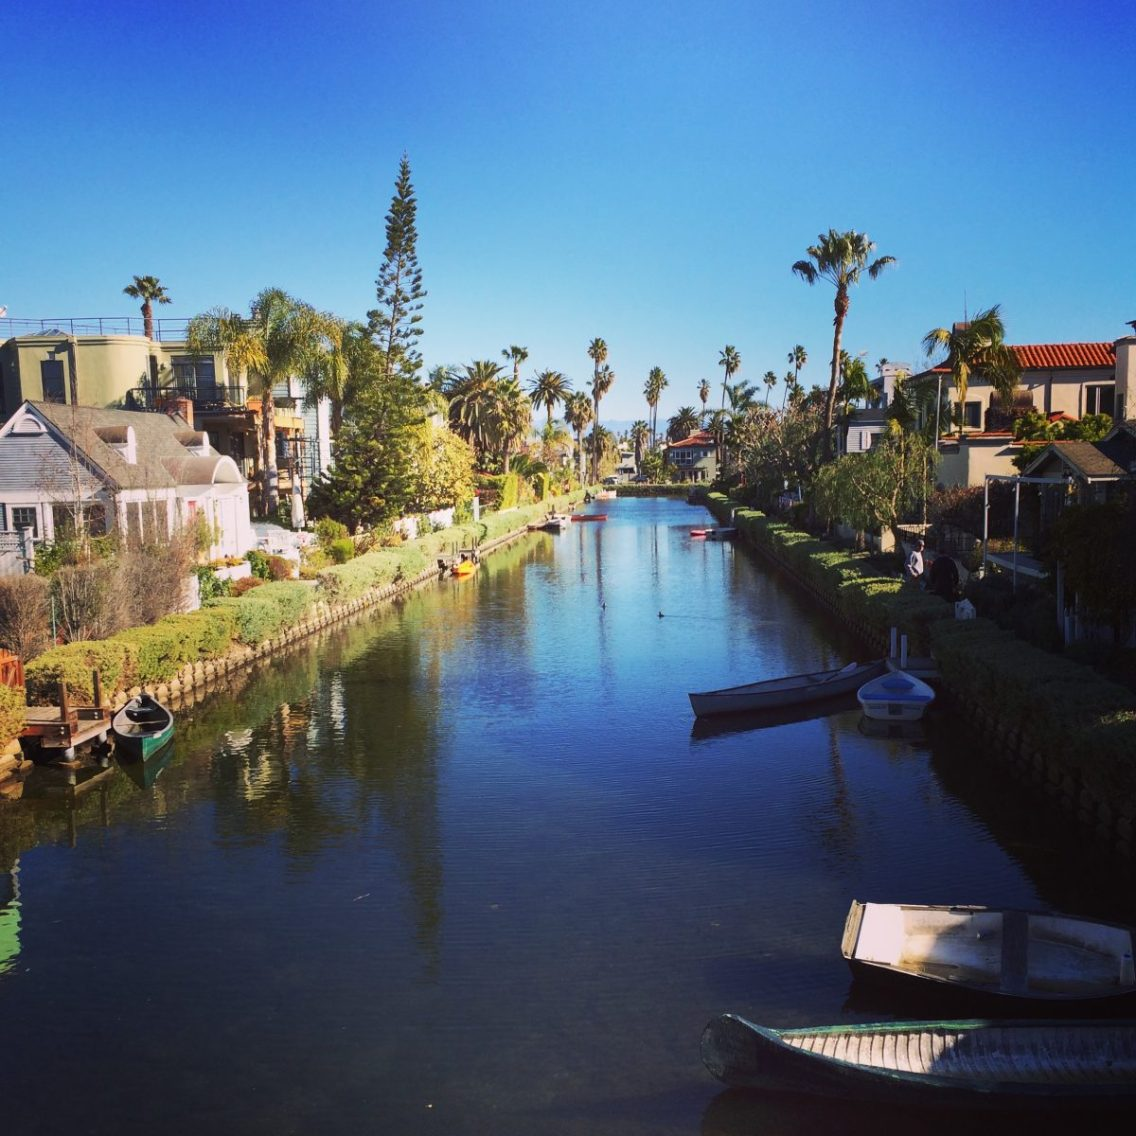 California2015Dec-3LAVeniceCanals